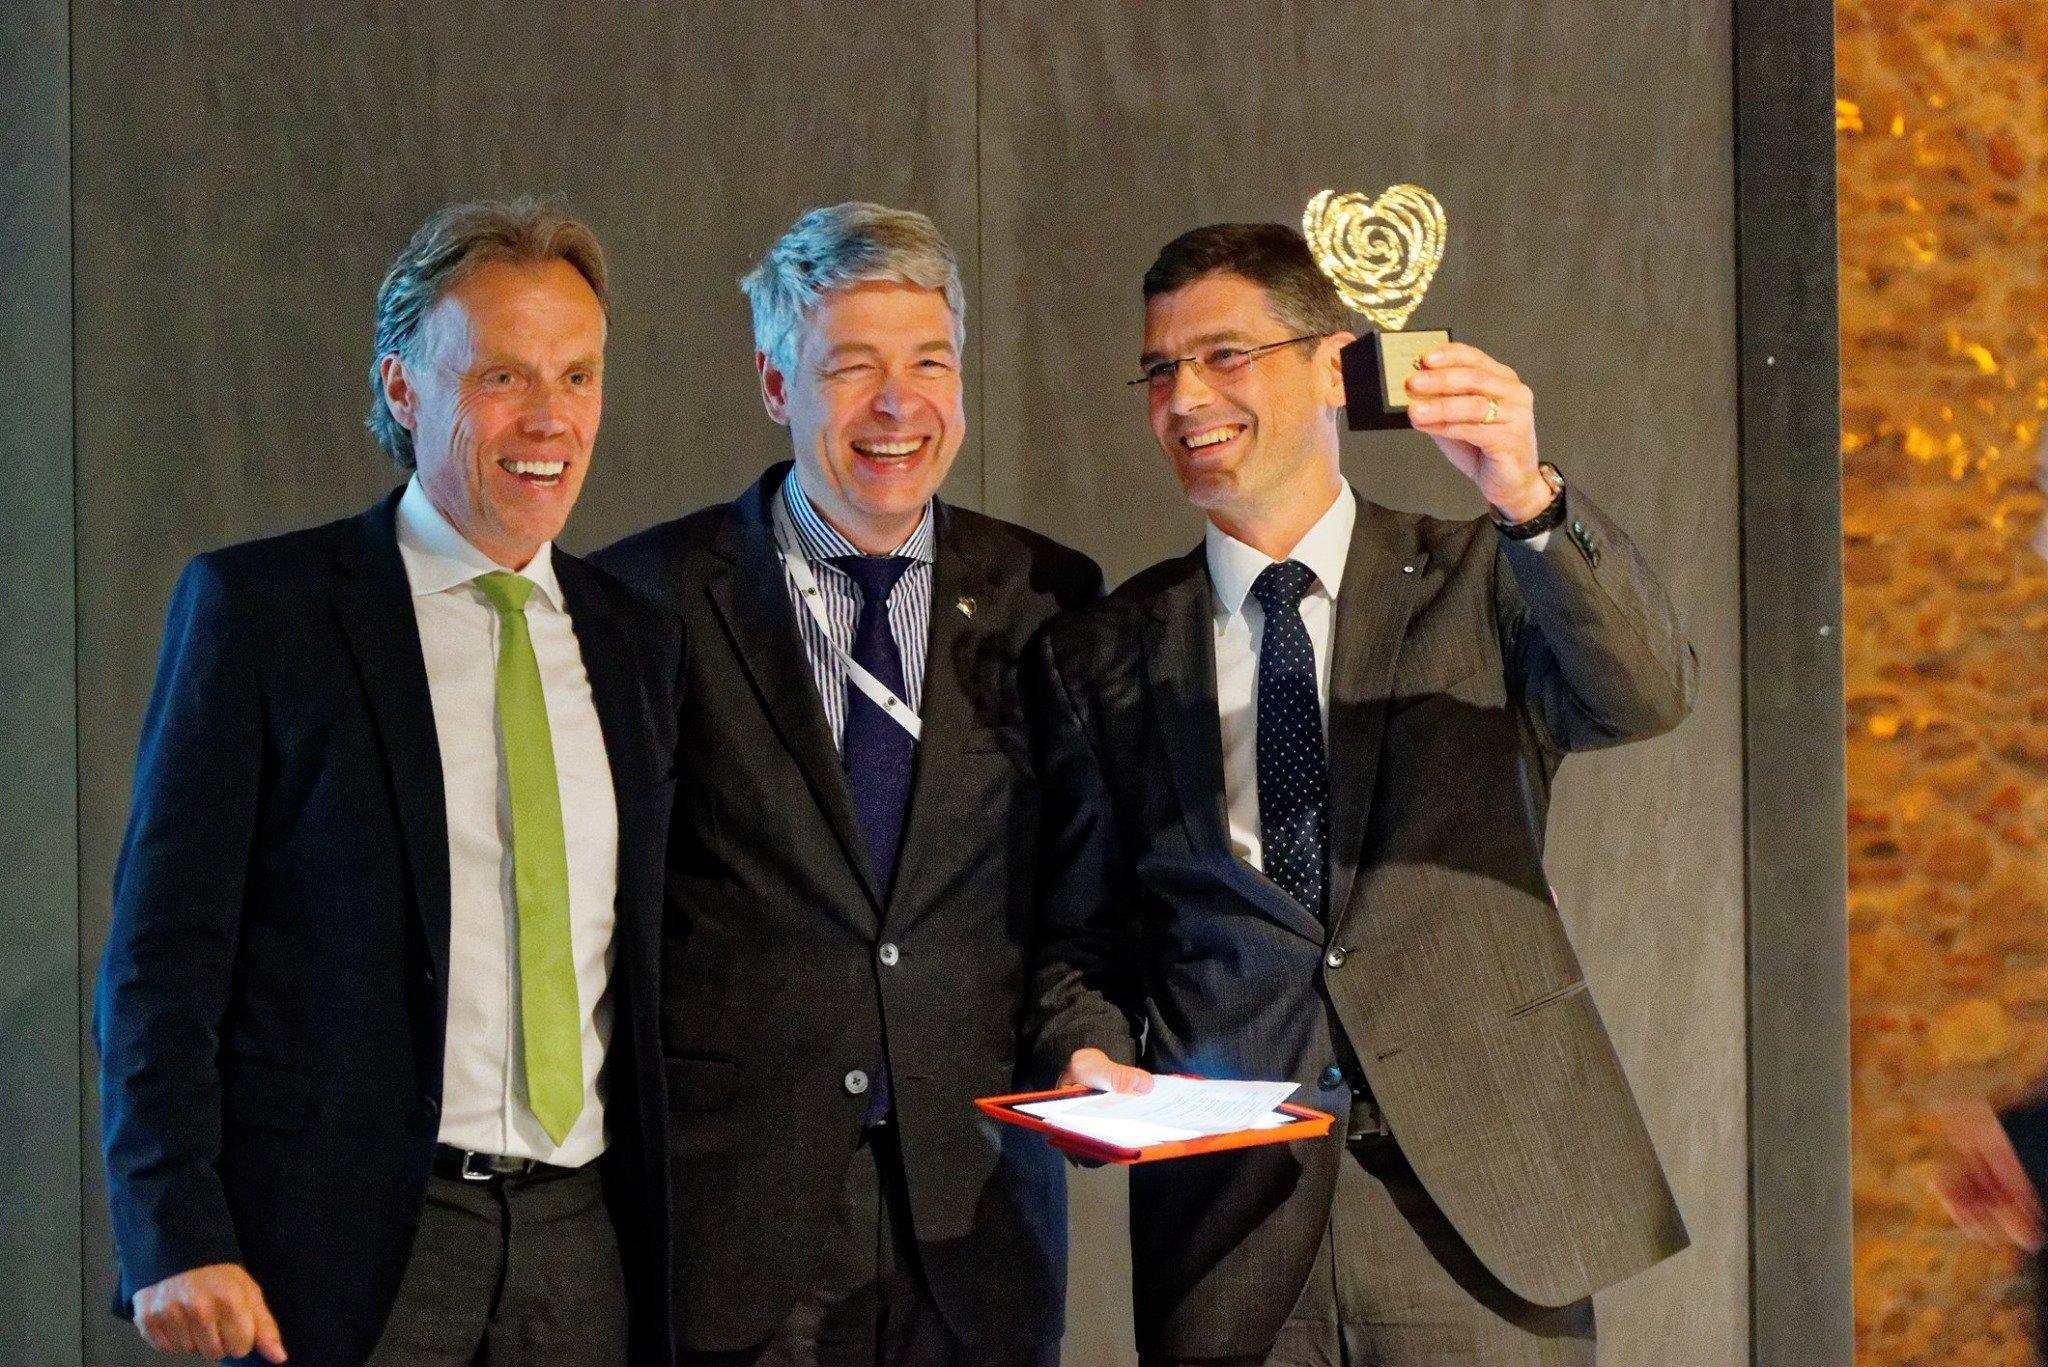 Le médecin et chercheur Alexandre Mebazaa remporte le prix Jean-Paul Binet de la Fondation pour la Recherche